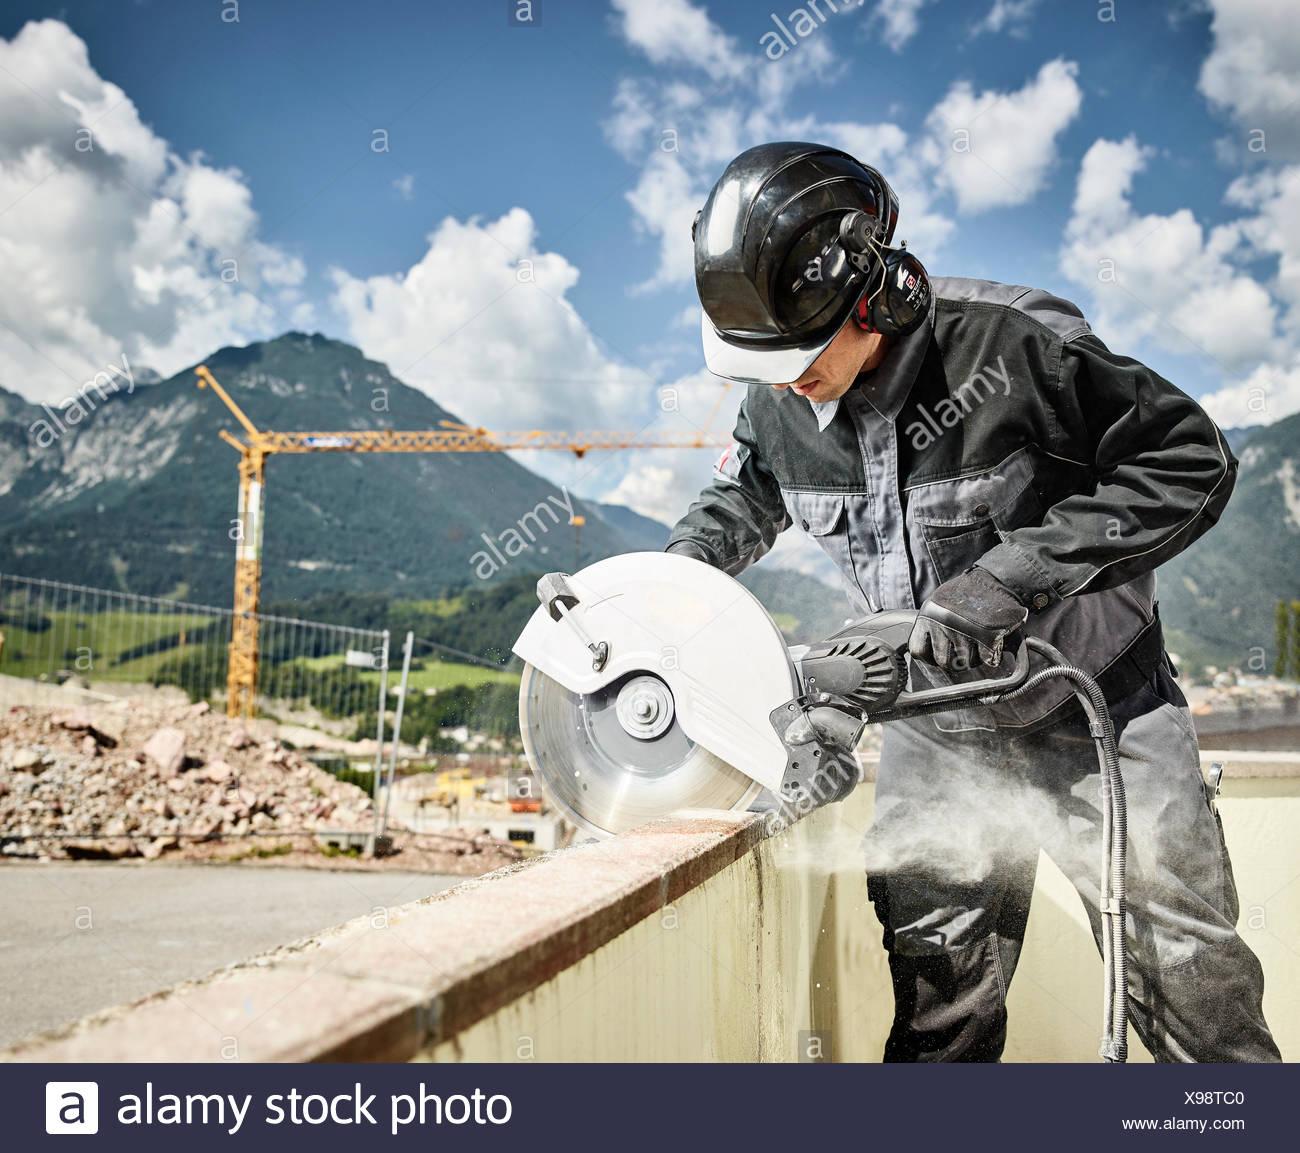 Bau arbeiter mit Helm, Arbeitskleidung und Gehörschutz schneiden Betonwand mit Hand sah, Österreich Stockbild